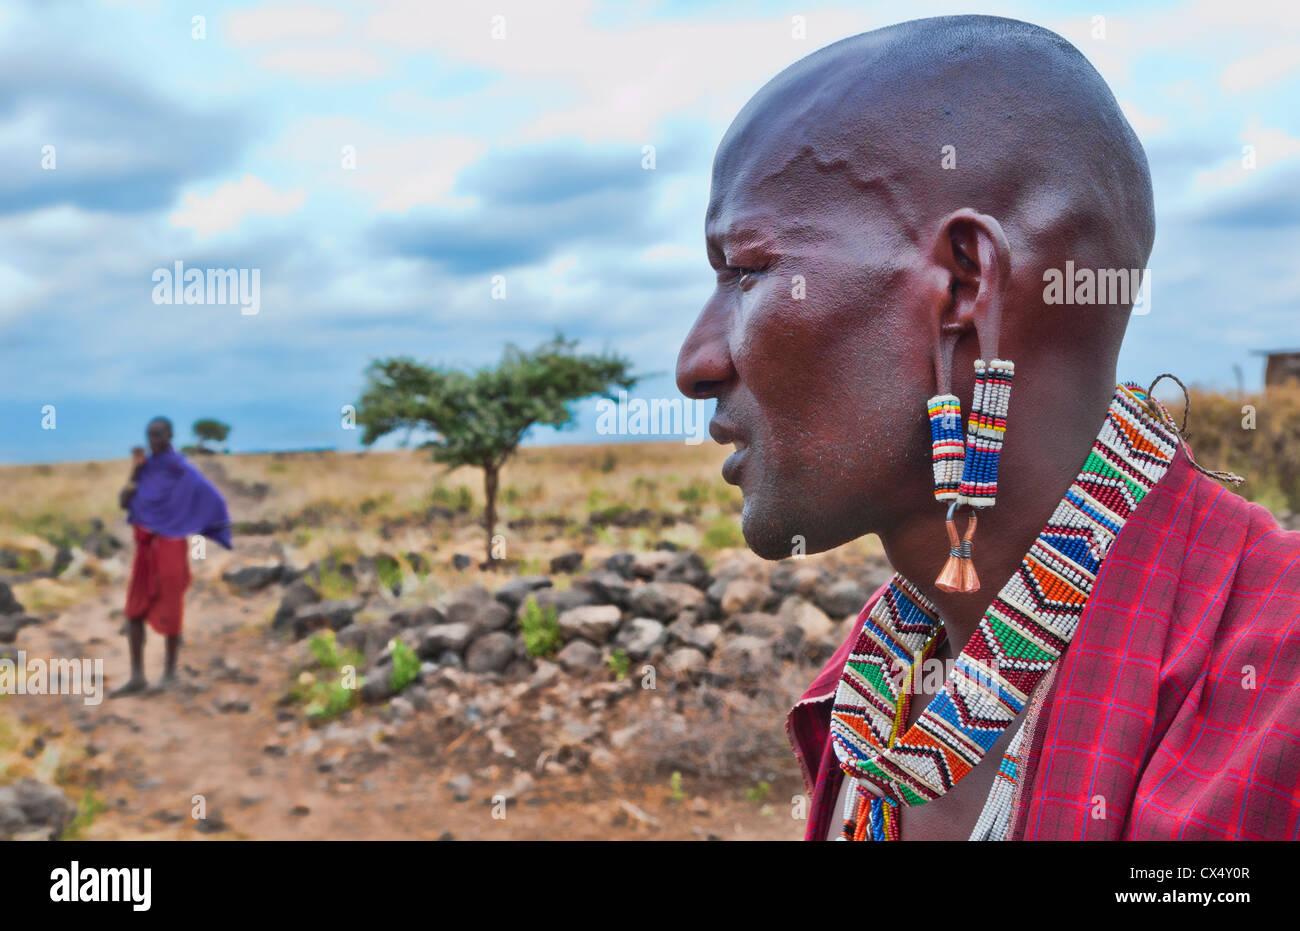 Afrique Kenya Amboseli tribu Masai Masai village man in red dress costume de perles et bijoux en région éloignée Photo Stock